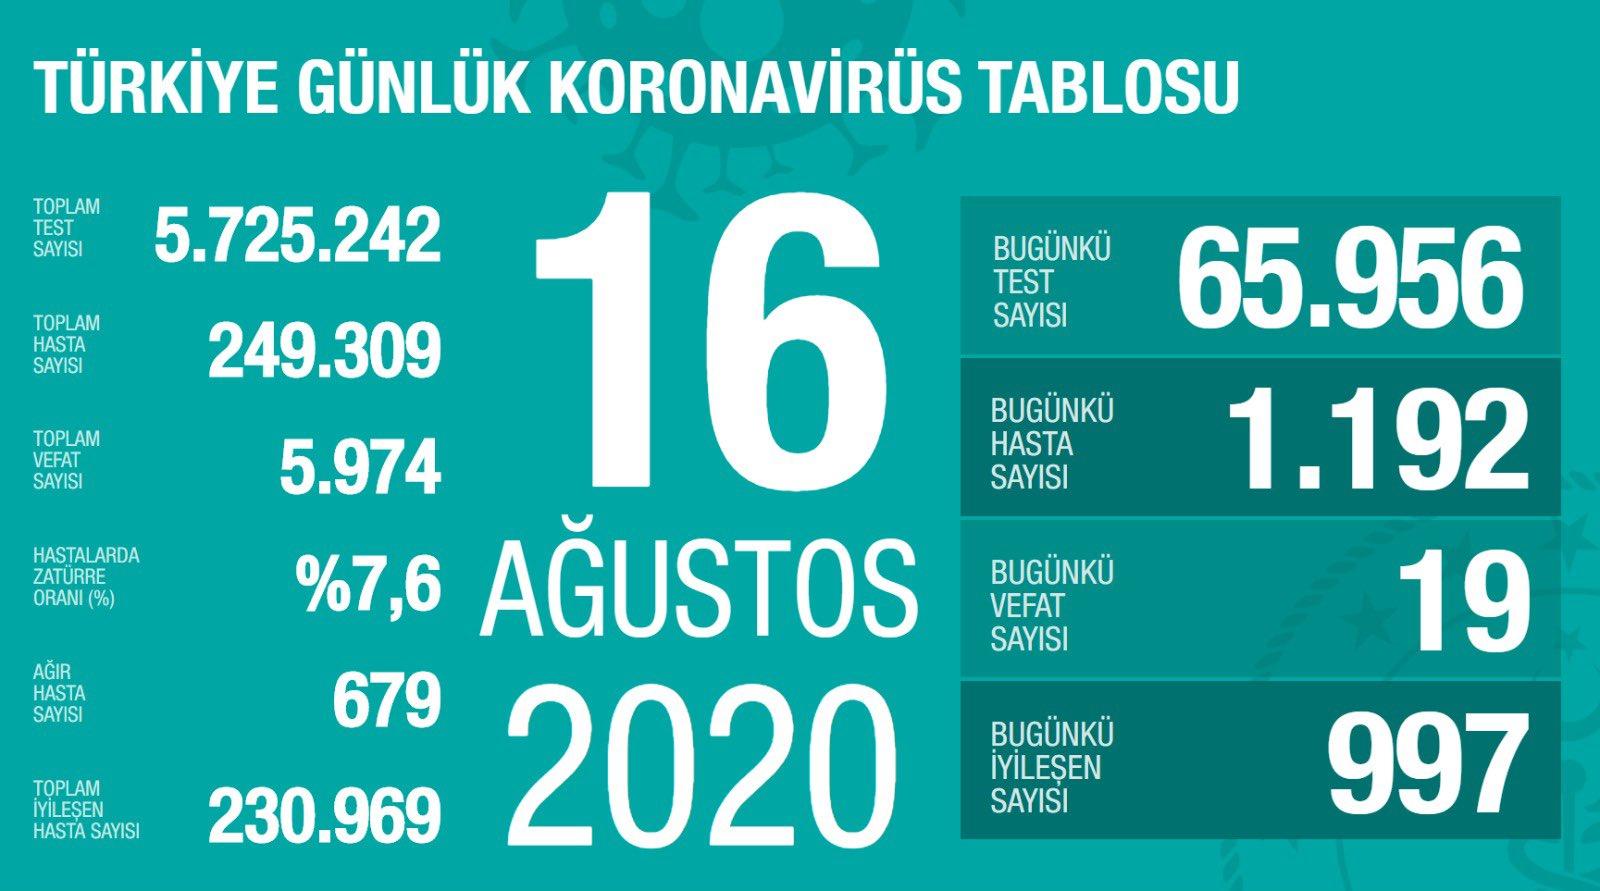 16 Ağustos Türkiye Koronavirüs Tablosu Açıkladı